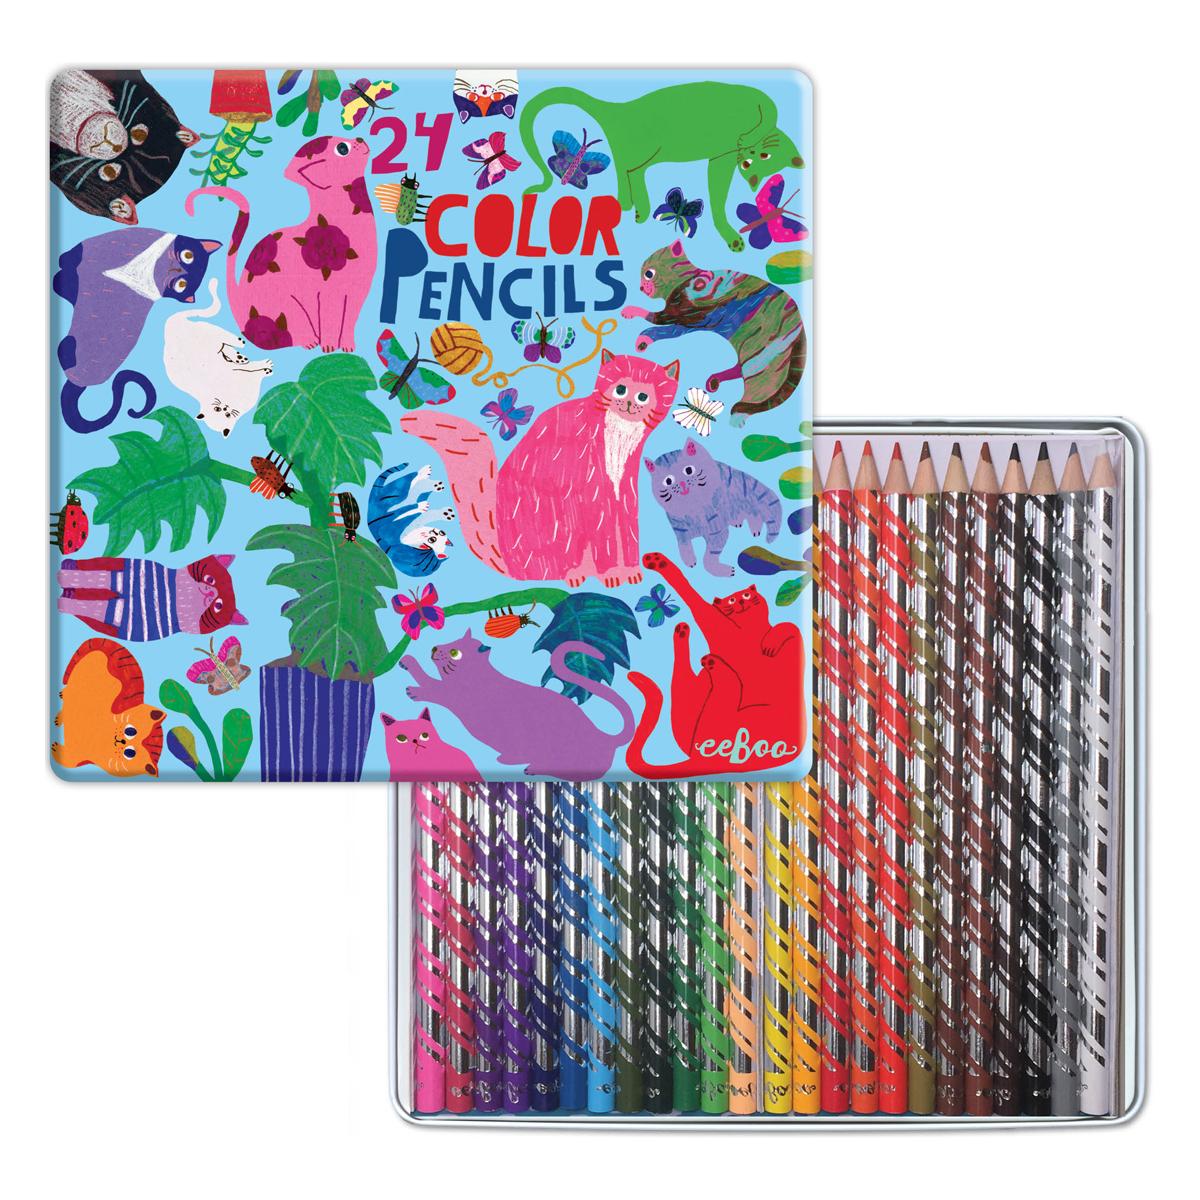 色鉛筆 気まぐれなネコたち (24色)